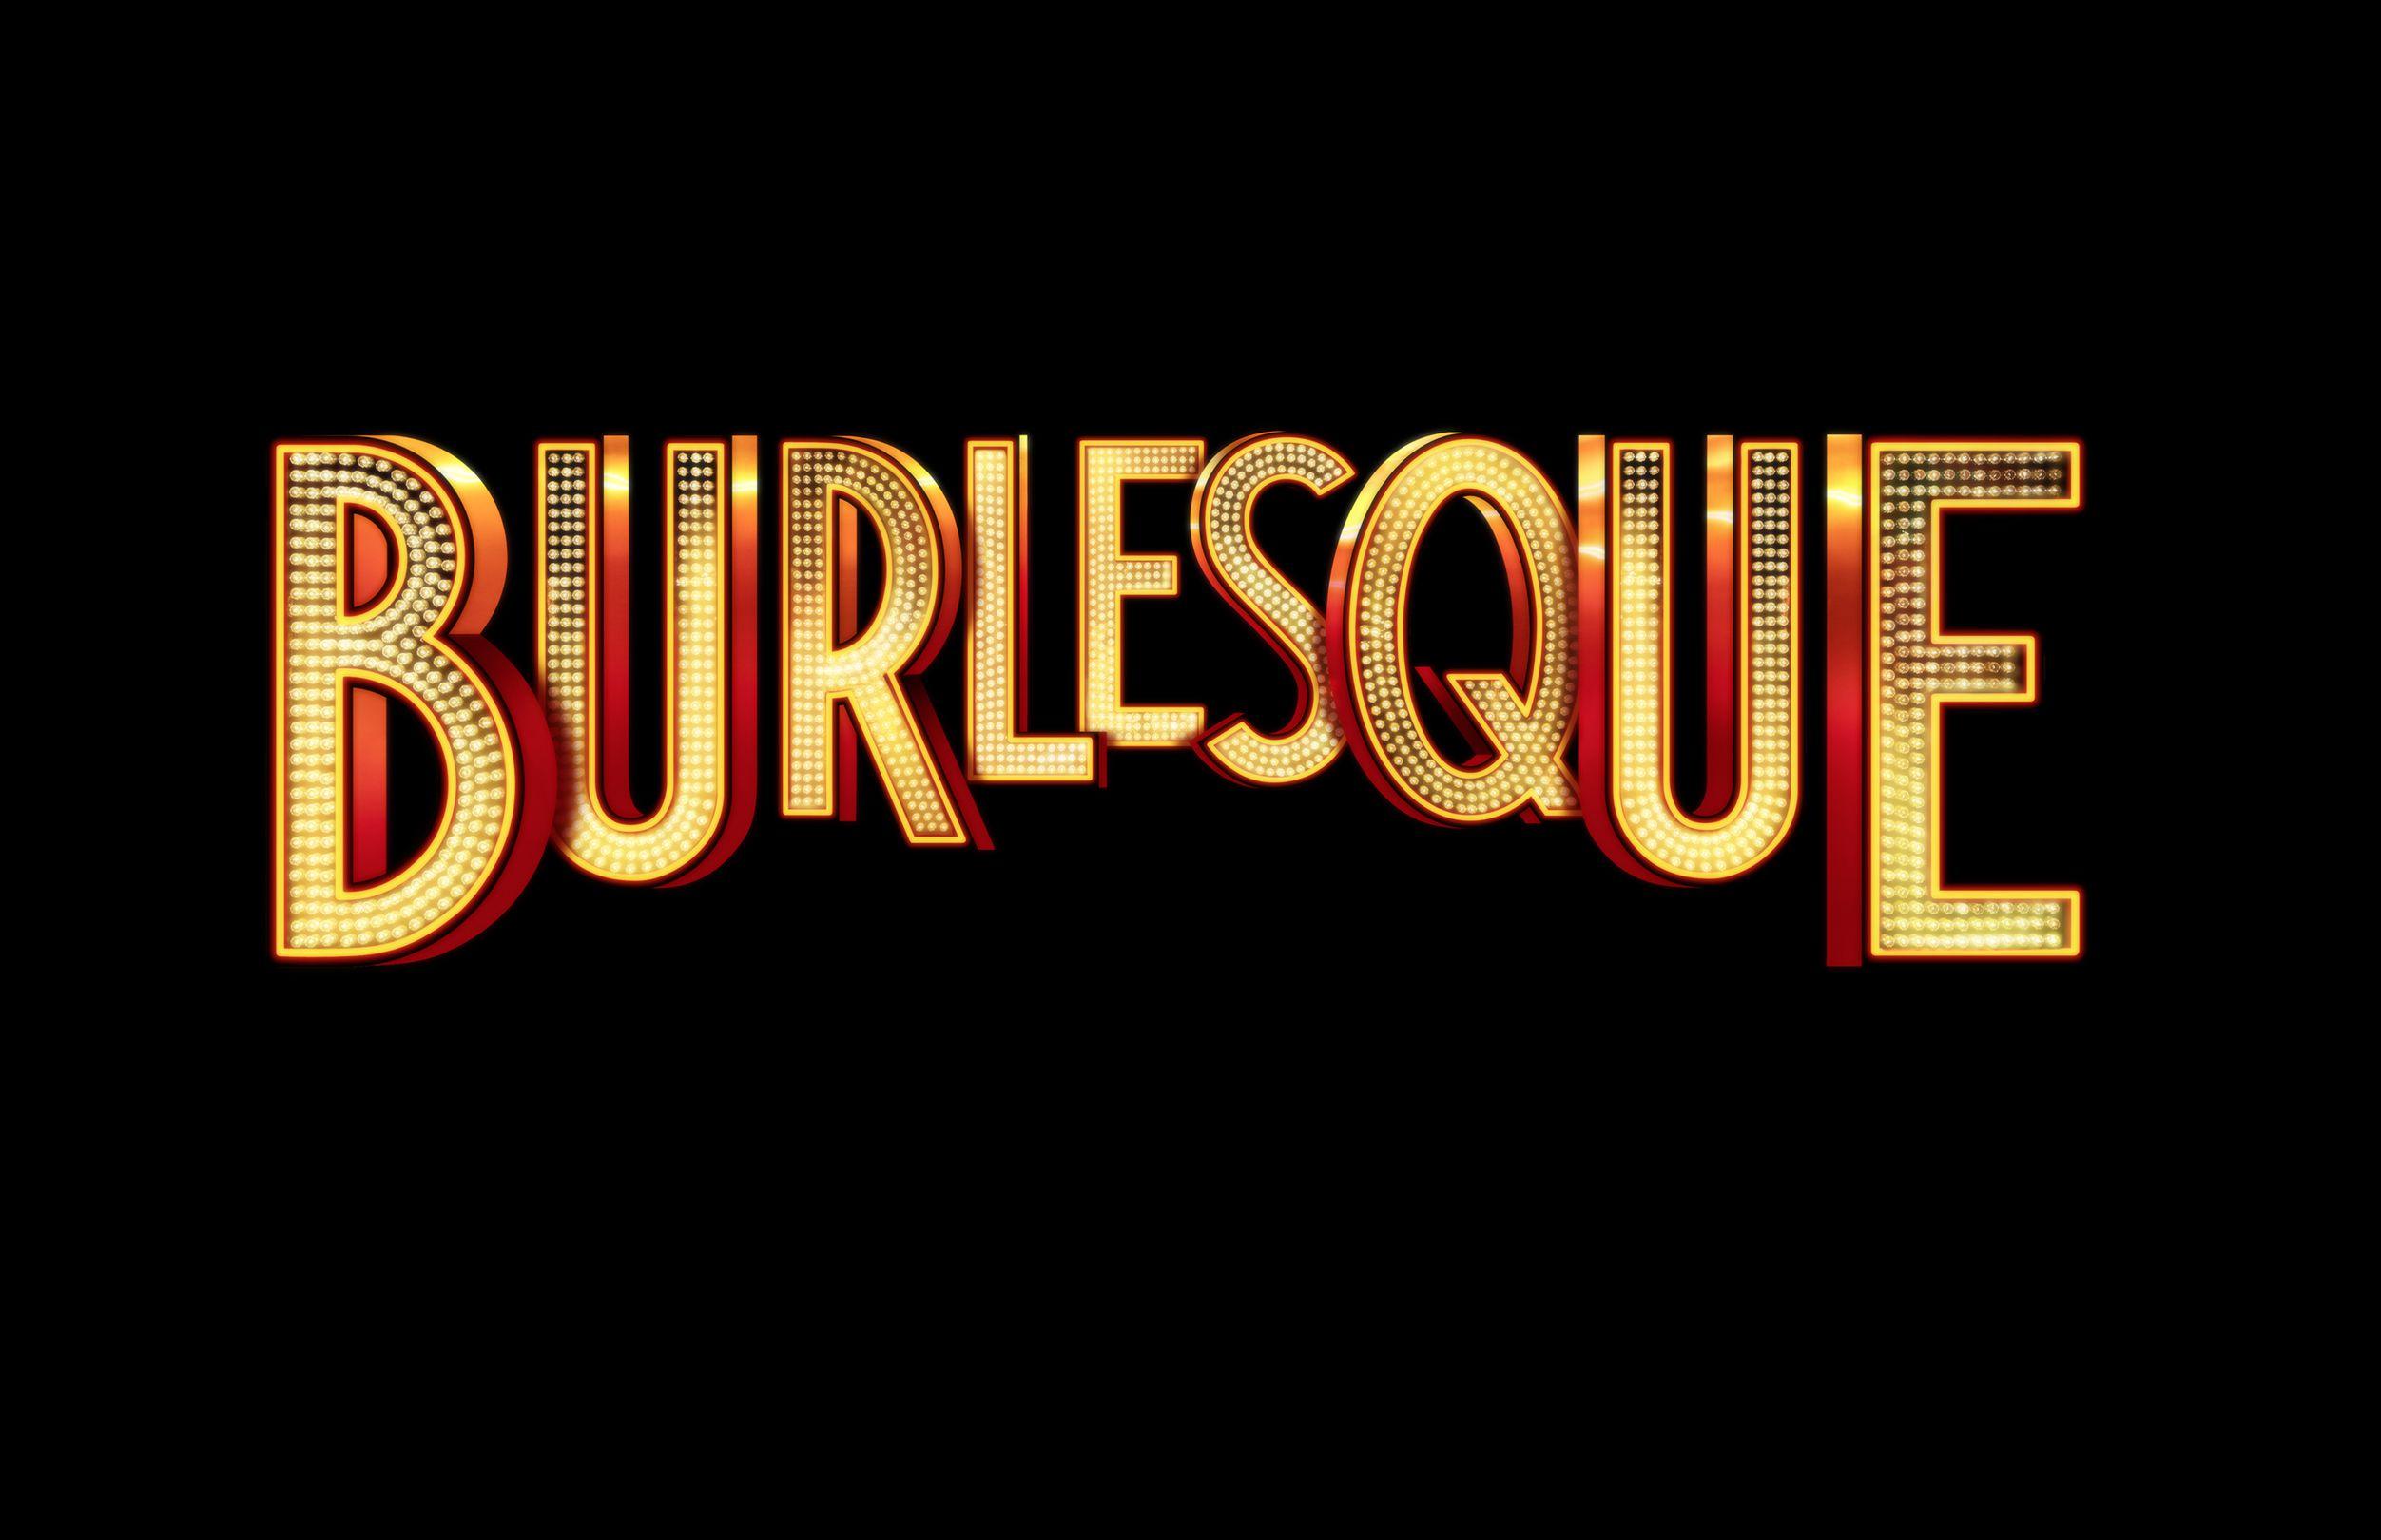 Burlesque wording logo